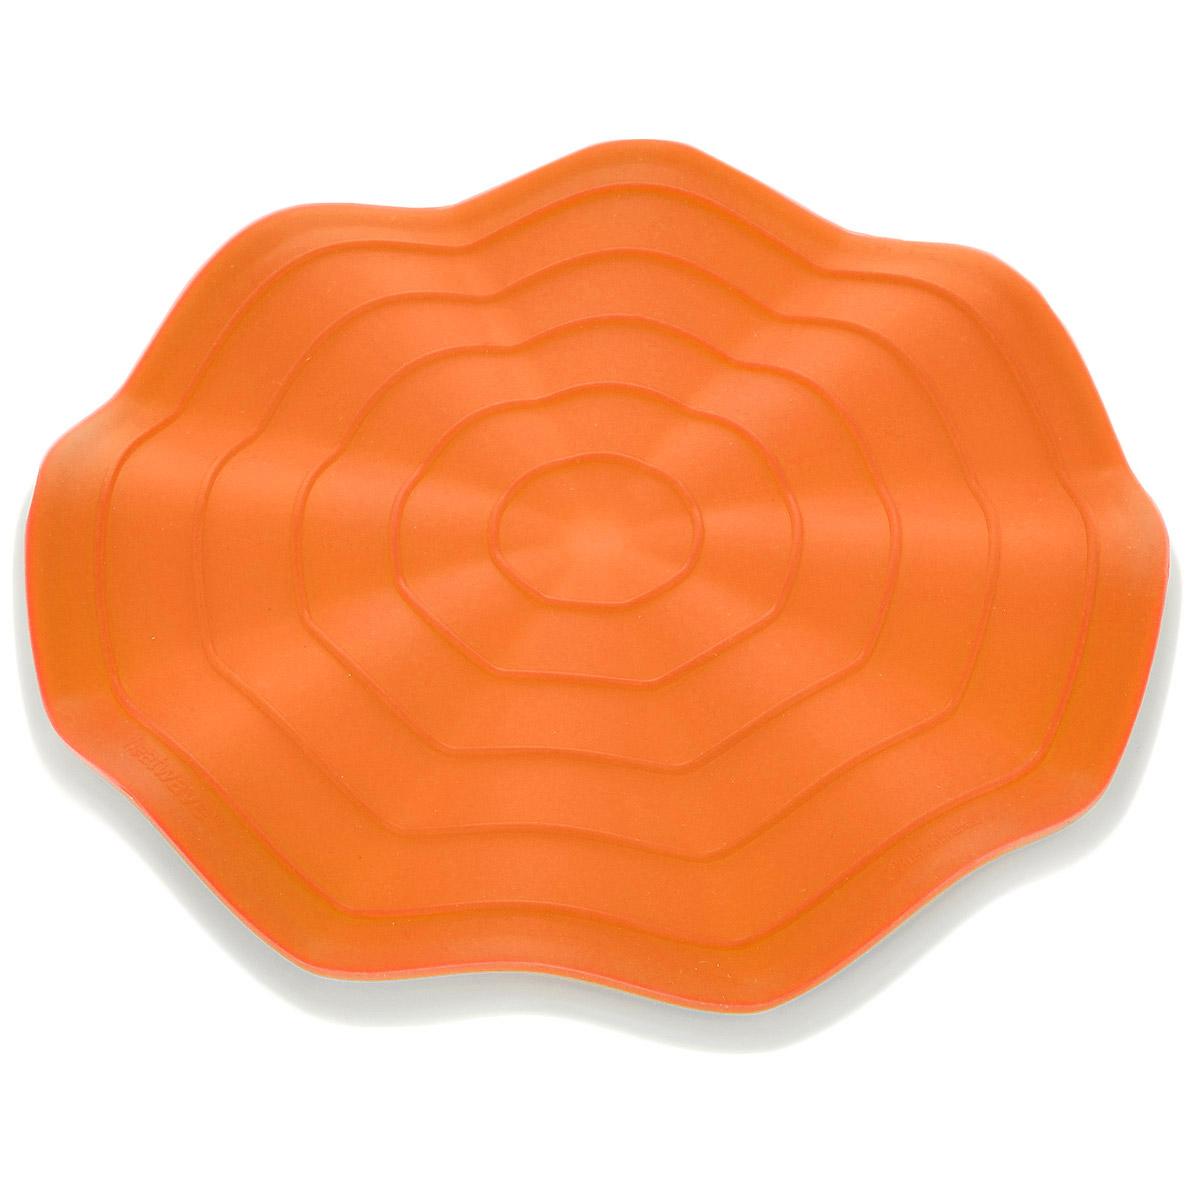 Прихватка-подставка под горячее Fusionbrands Wave, цвет: оранжевый, белый, диаметр 20 см8056-ORПрихватка-подставка под горячее Fusionbrands Wave состоит из двух частей: подставки под горячее, изготовленной из жаропрочного нейлона и силиконовой прихватки. Изделия имеют волнистую рельефную форму. Подставка не только украсит ваш стол, но и сбережет его от воздействия высоких температур. Силиконовую прихватку можно использовать с любой посудой. Она защитит руки от ожогов. Изделия из силикона выдерживают высокие и низкие температуры (от - 40°С до +230°С). Они износостойки, легко моются, не горят и не тлеют, не впитывают запахи, не оставляют пятен. Силикон абсолютно безвреден для здоровья. Прихватка-подставка Fusionbrands Wave - отличный подарок, необходимый любой хозяйке. Диаметр изделий: 20 см.